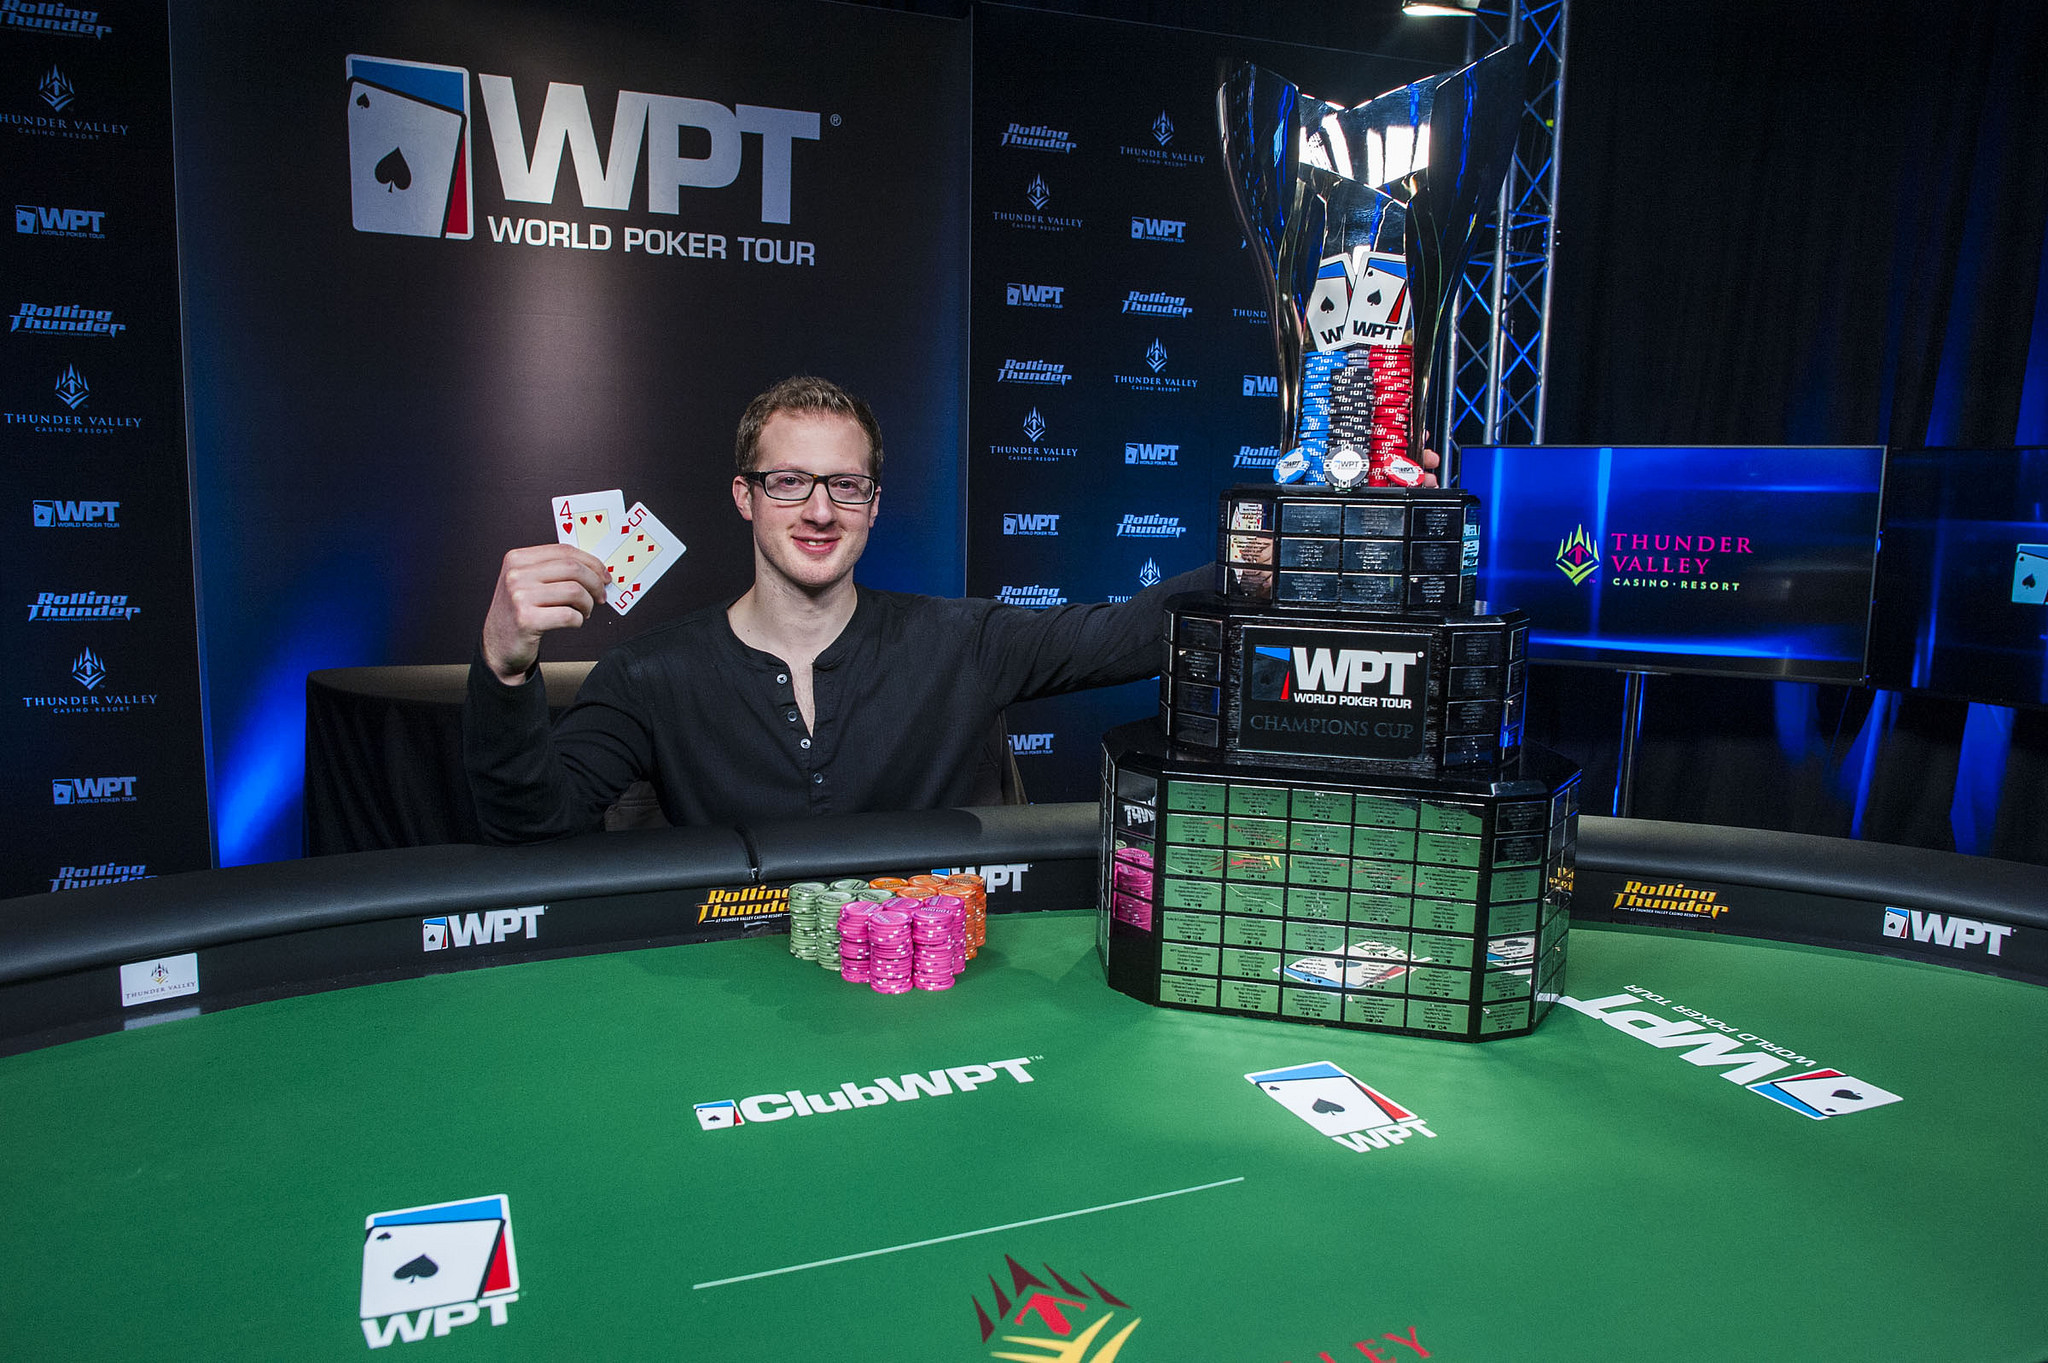 Wpt poker membership the wynn macau poker